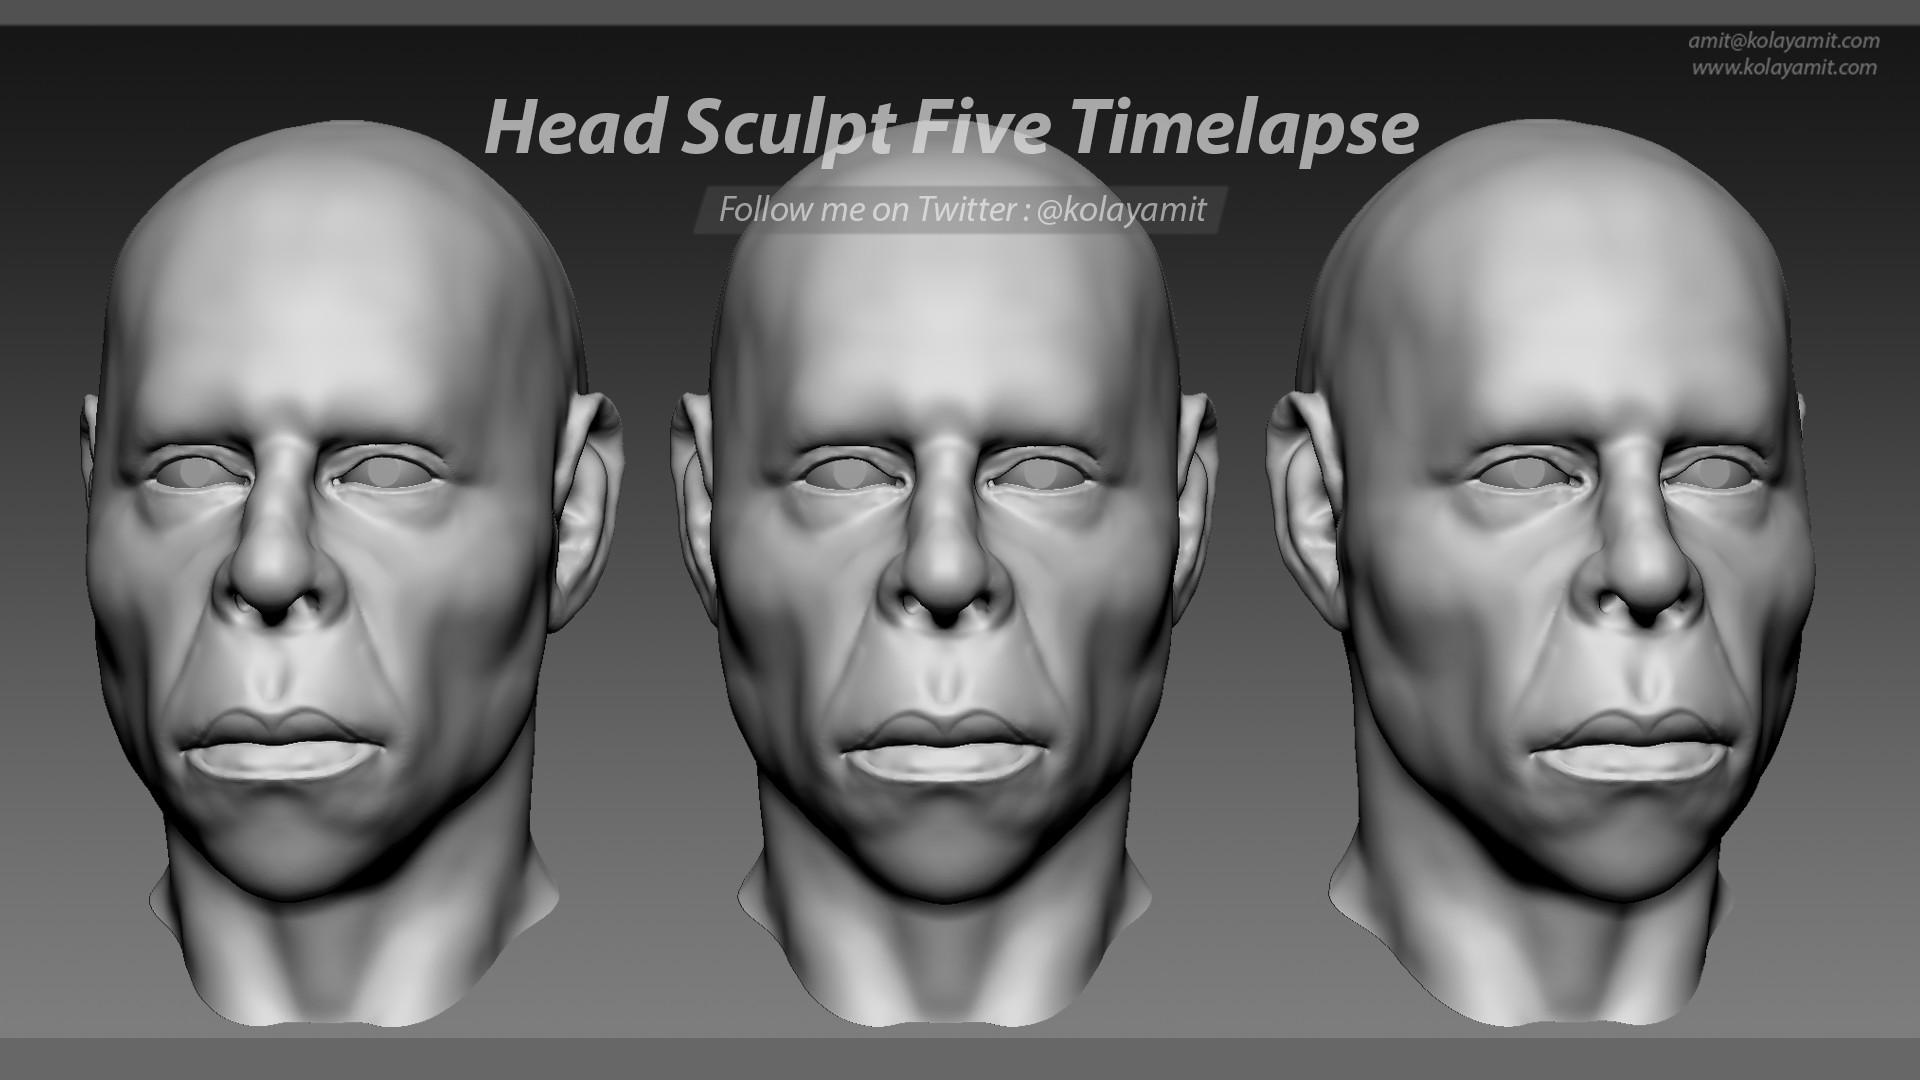 Head Sculpt Five Timelapse